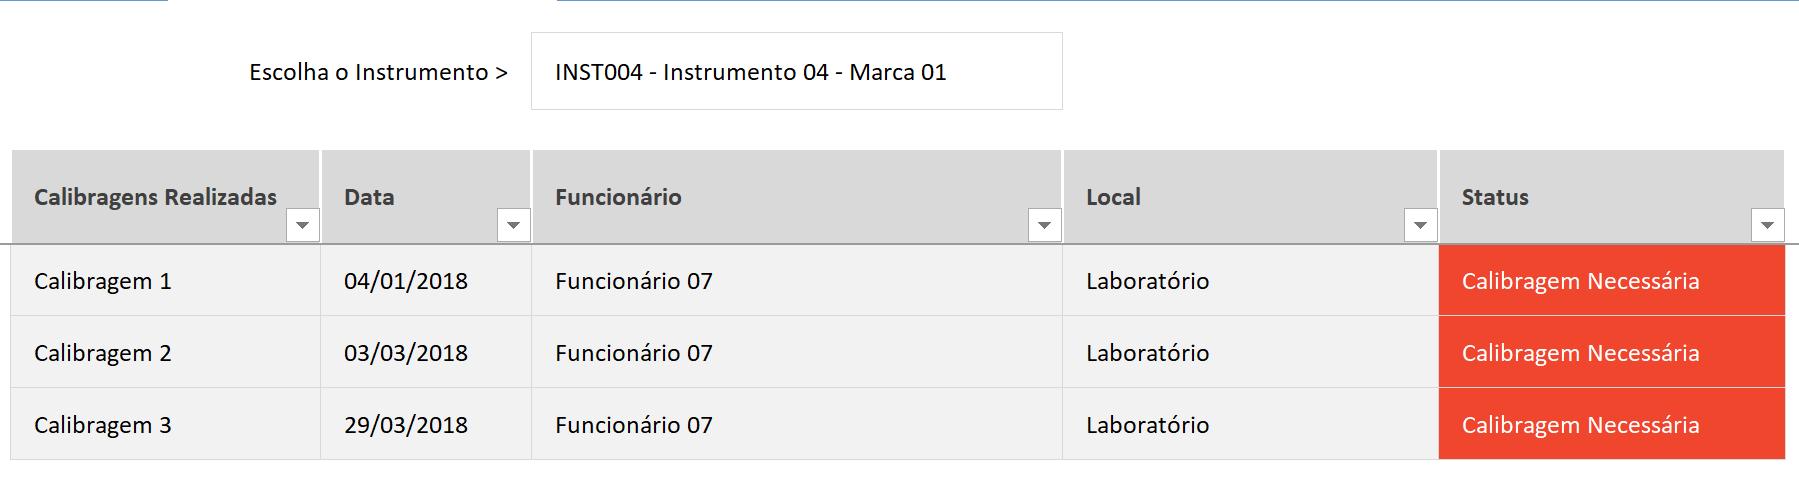 Mantenha seus Certificados em Dia com uma Planilha de Calibração de Instrumentos de Medição